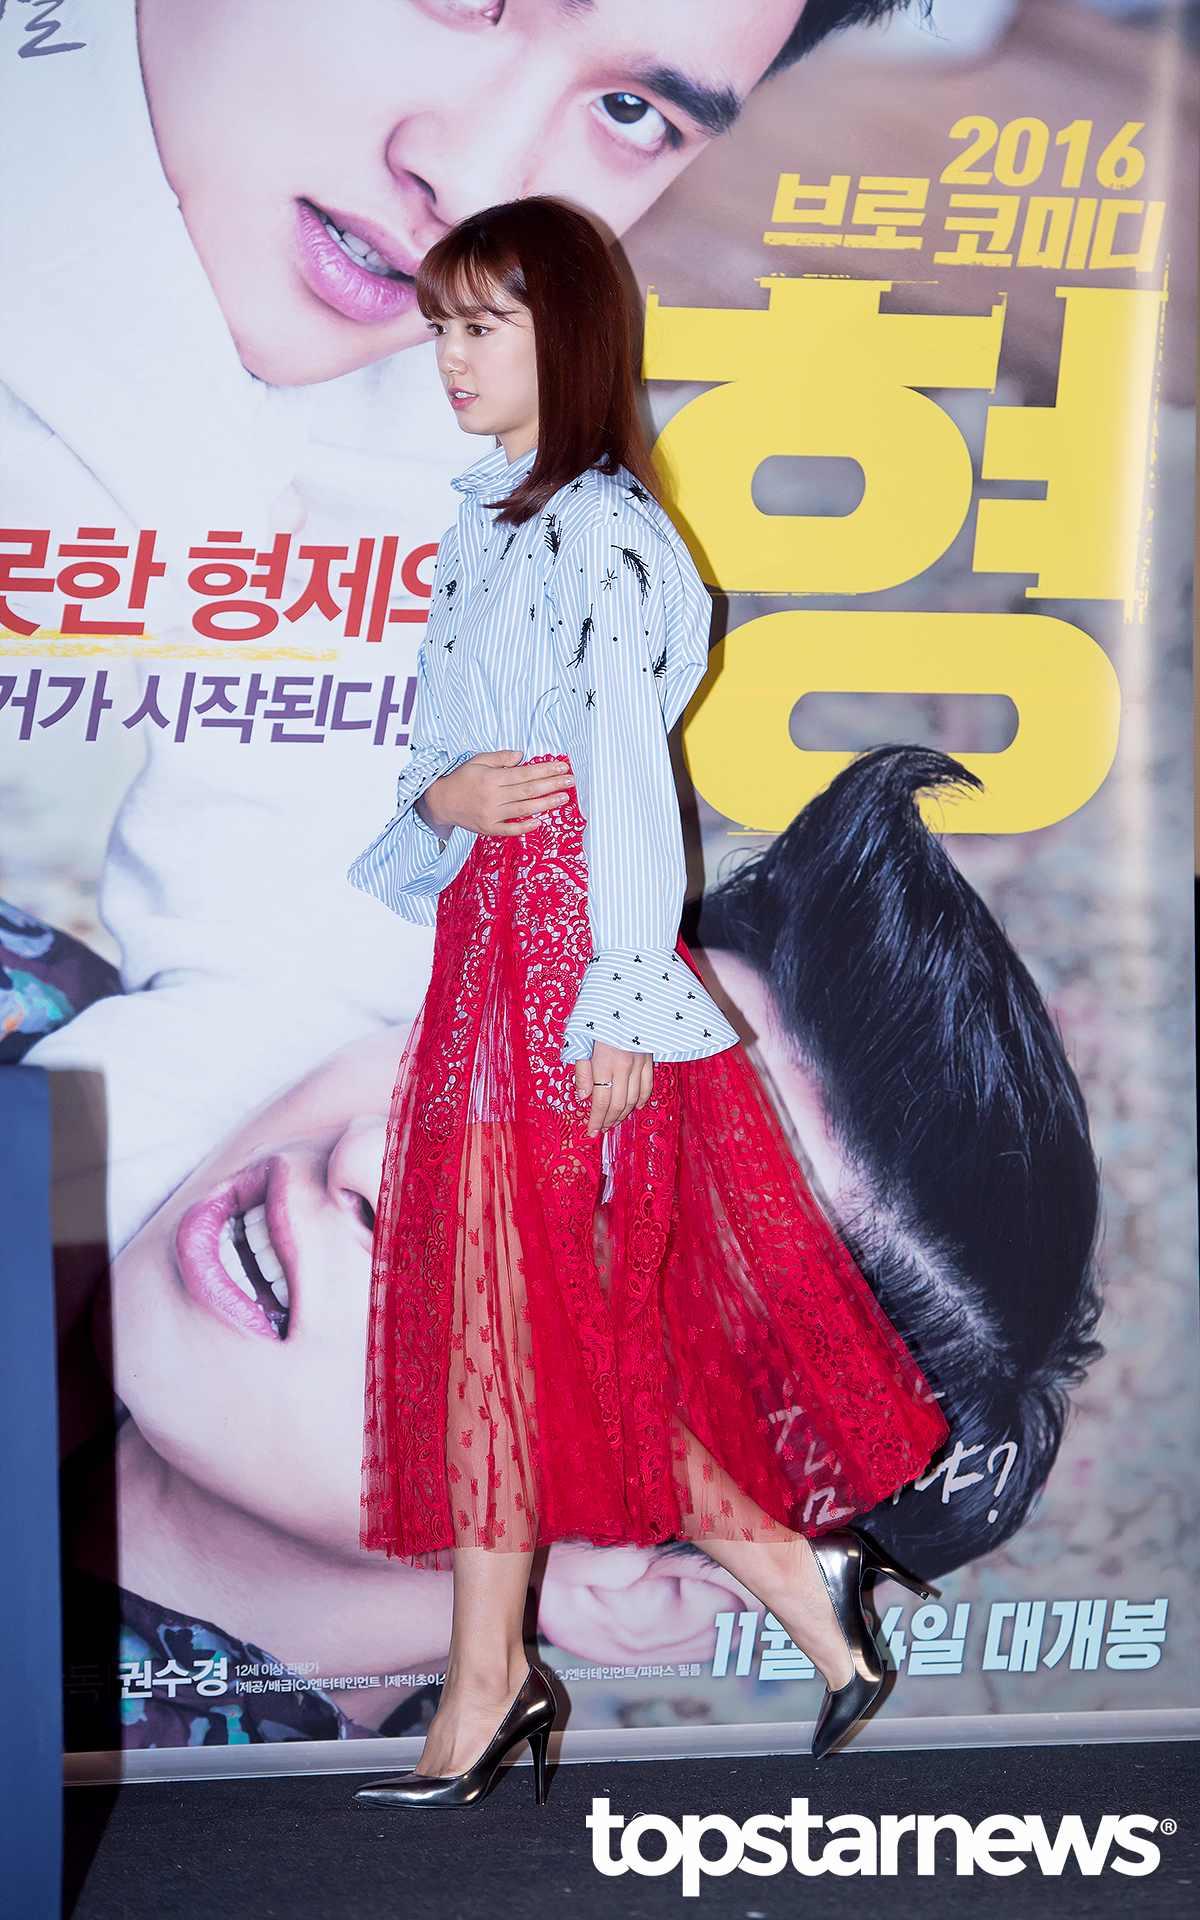 還記得朴信惠在之前出席電影《哥哥》 媒體試映會時身穿的那件噴血的蕾絲透視裝嗎?